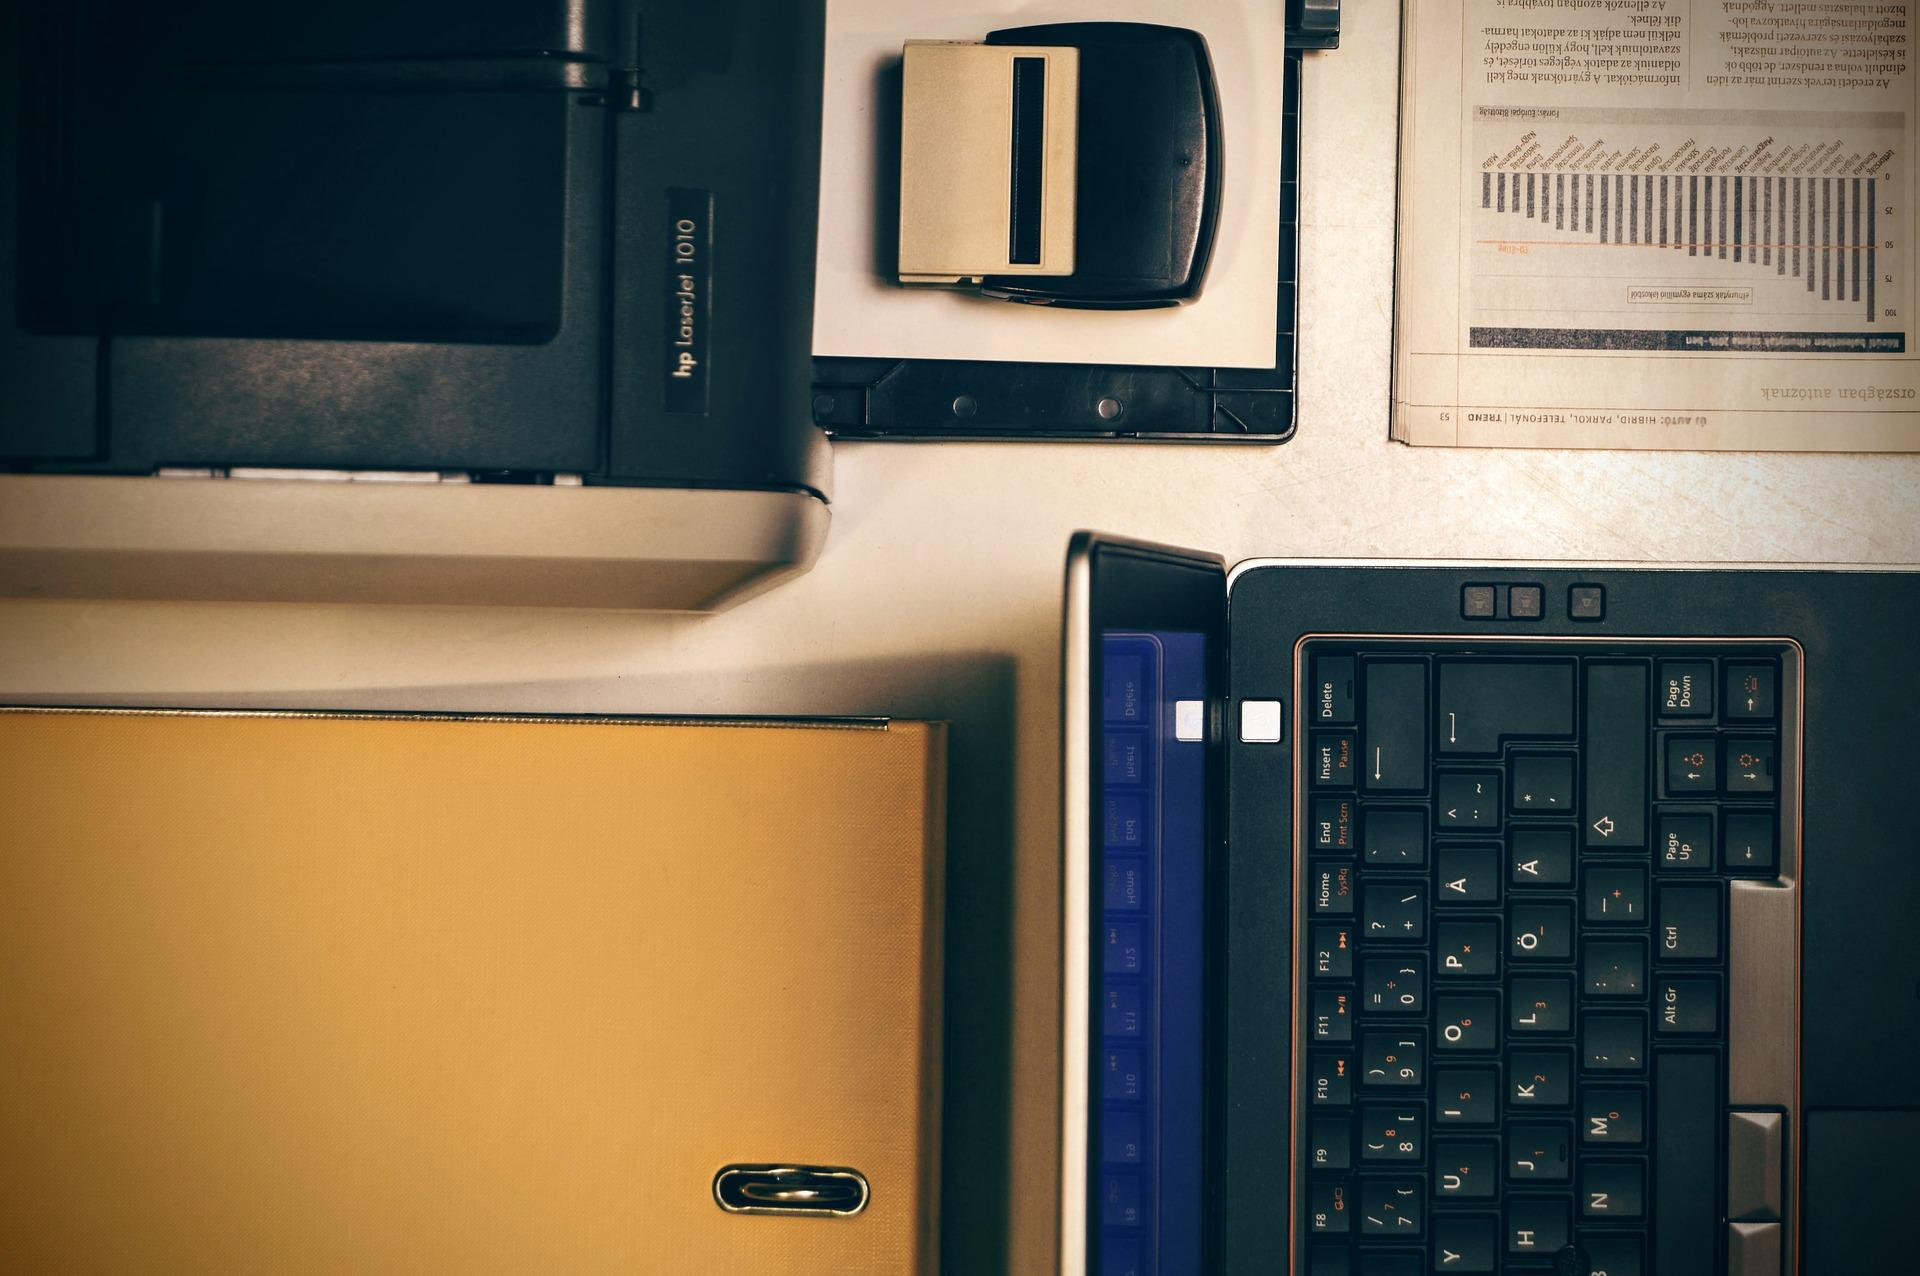 Bild Laptop, Drucker, Ordner und Locher; Quelle: Bild von Oliver Menyhart auf Pixabay